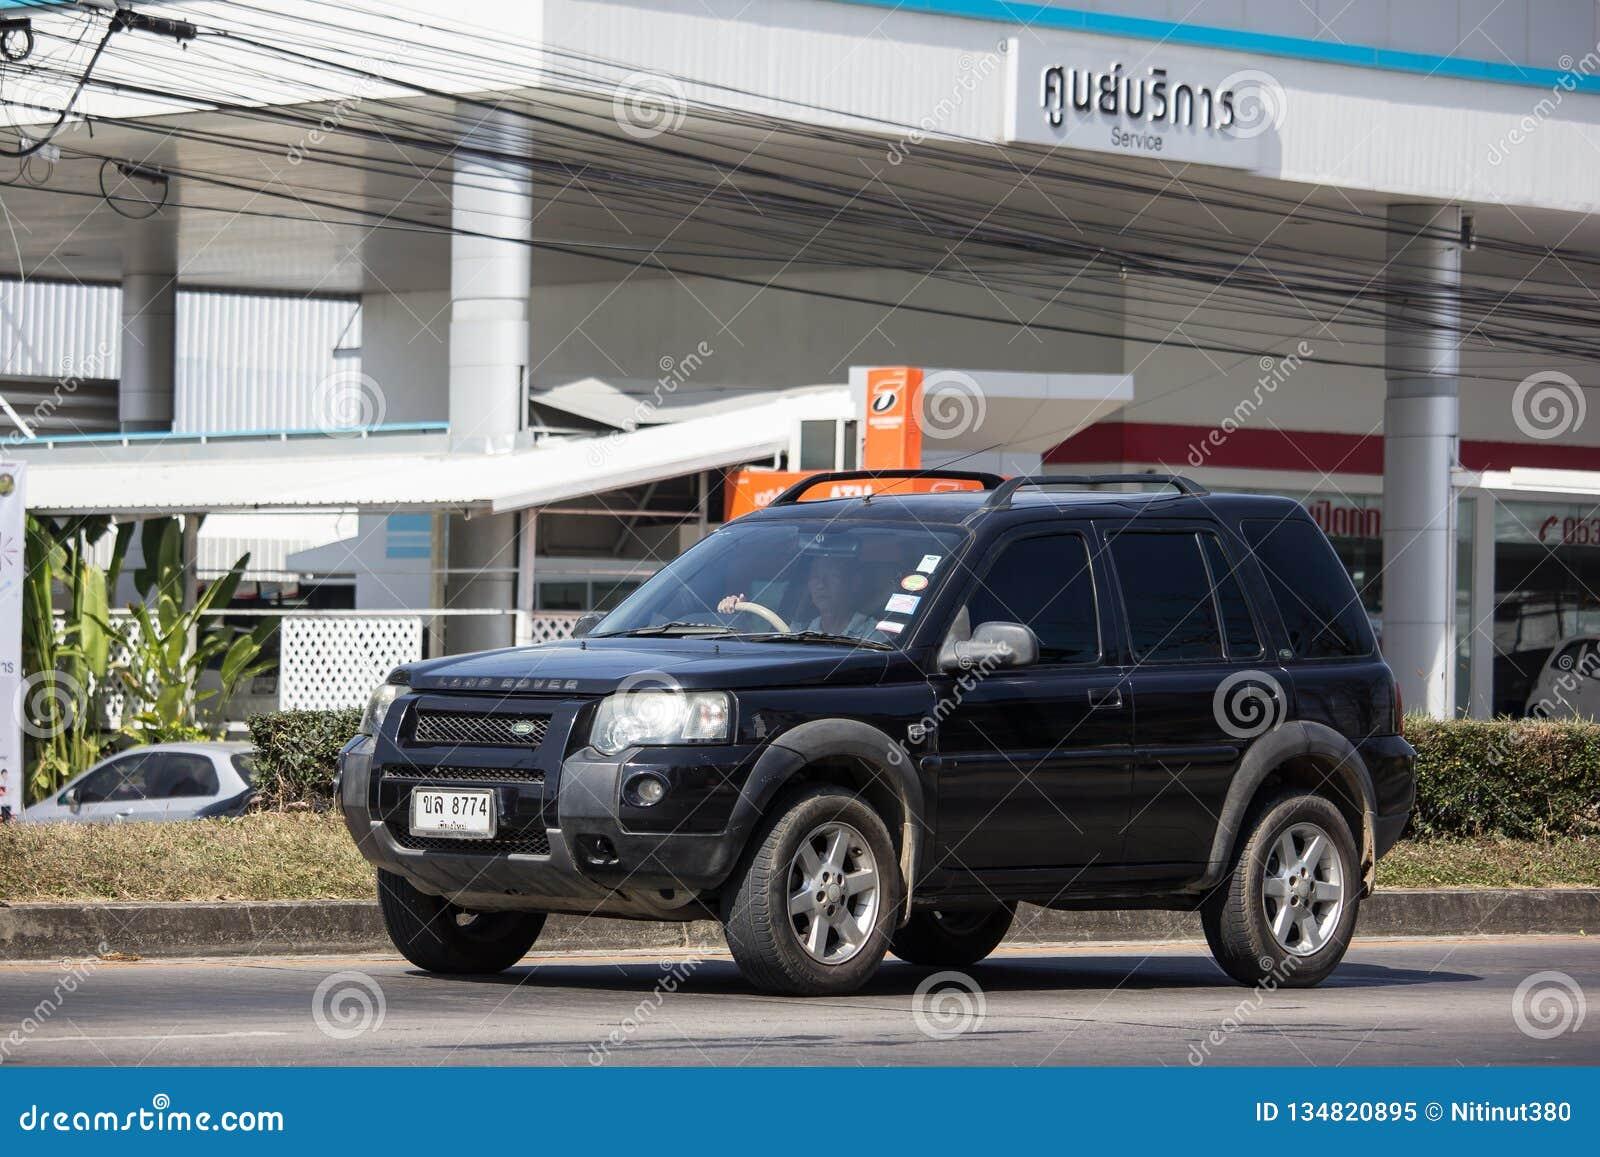 Kelebihan Kekurangan Toyota Freelander Spesifikasi